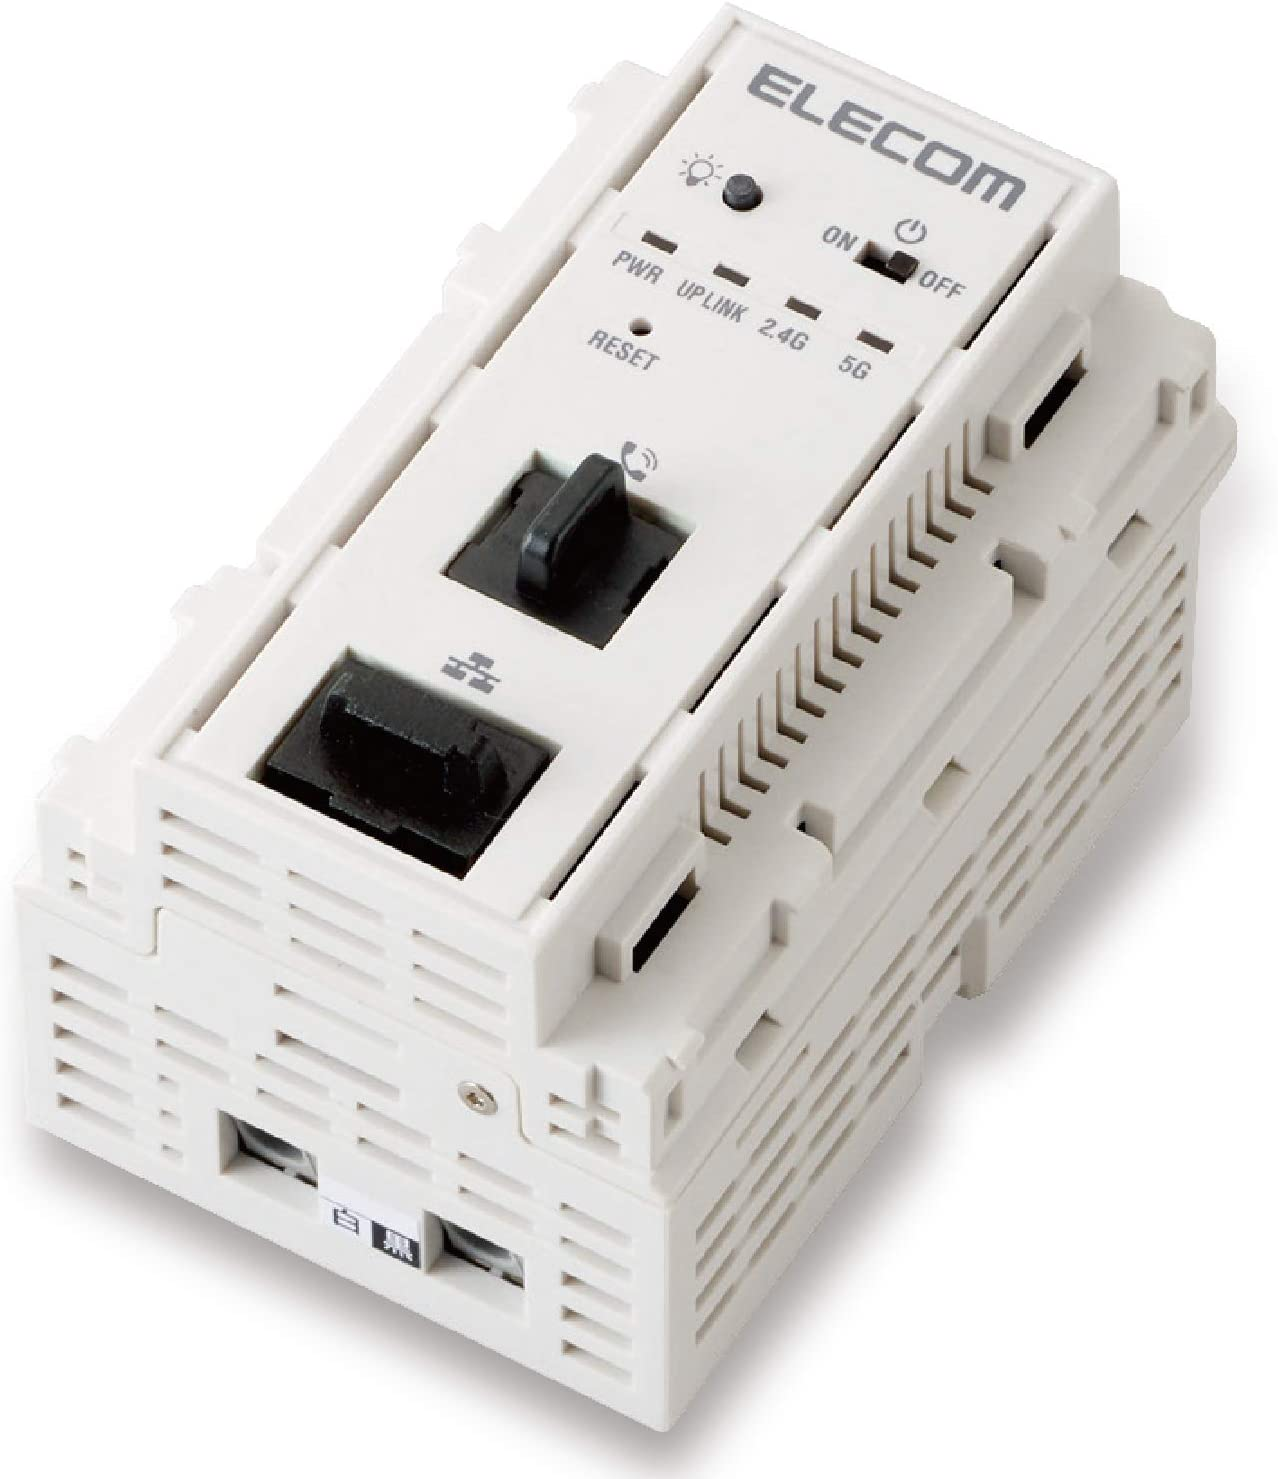 エレコム WiFi 無線アクセスポイント 埋め込み型 JIS規格 マルチメディアコンセント対応 ac750 11ac 433+300Mbps AC電源 デュアルバンド WAB-S733IW-AC